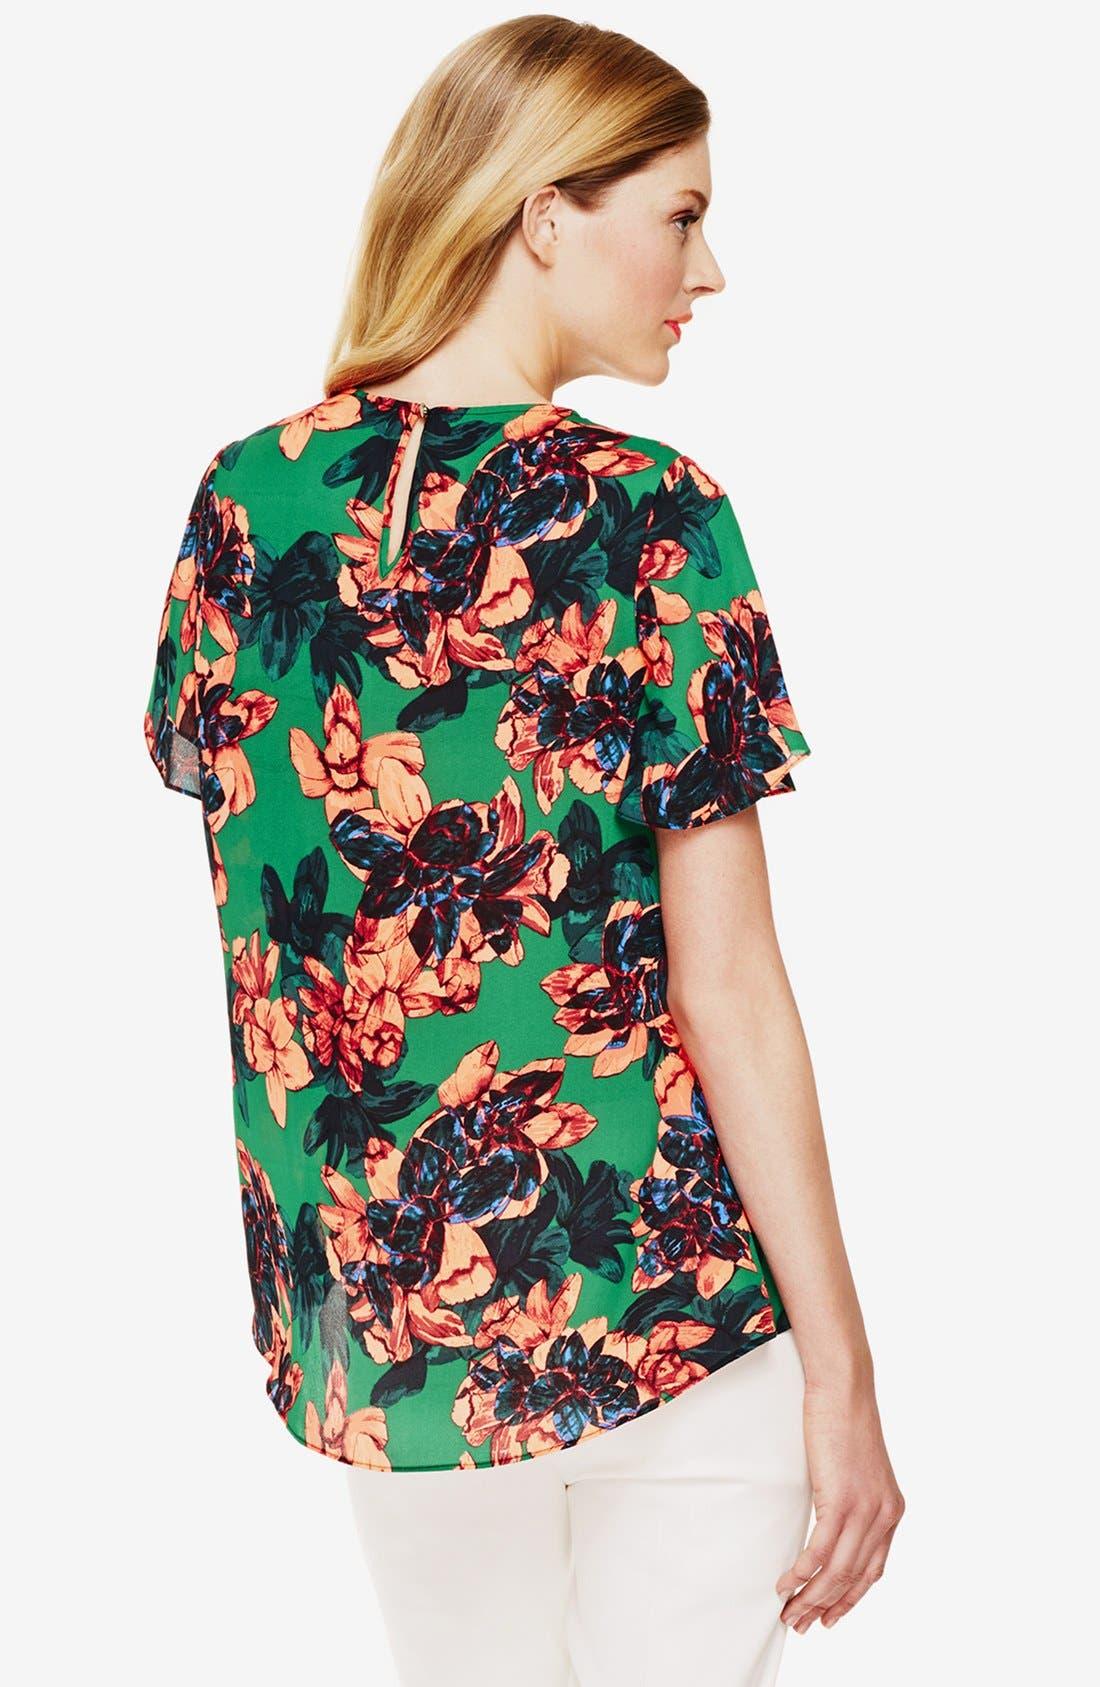 'Batik Floral' High/Low Blouse,                             Alternate thumbnail 2, color,                             Cactus